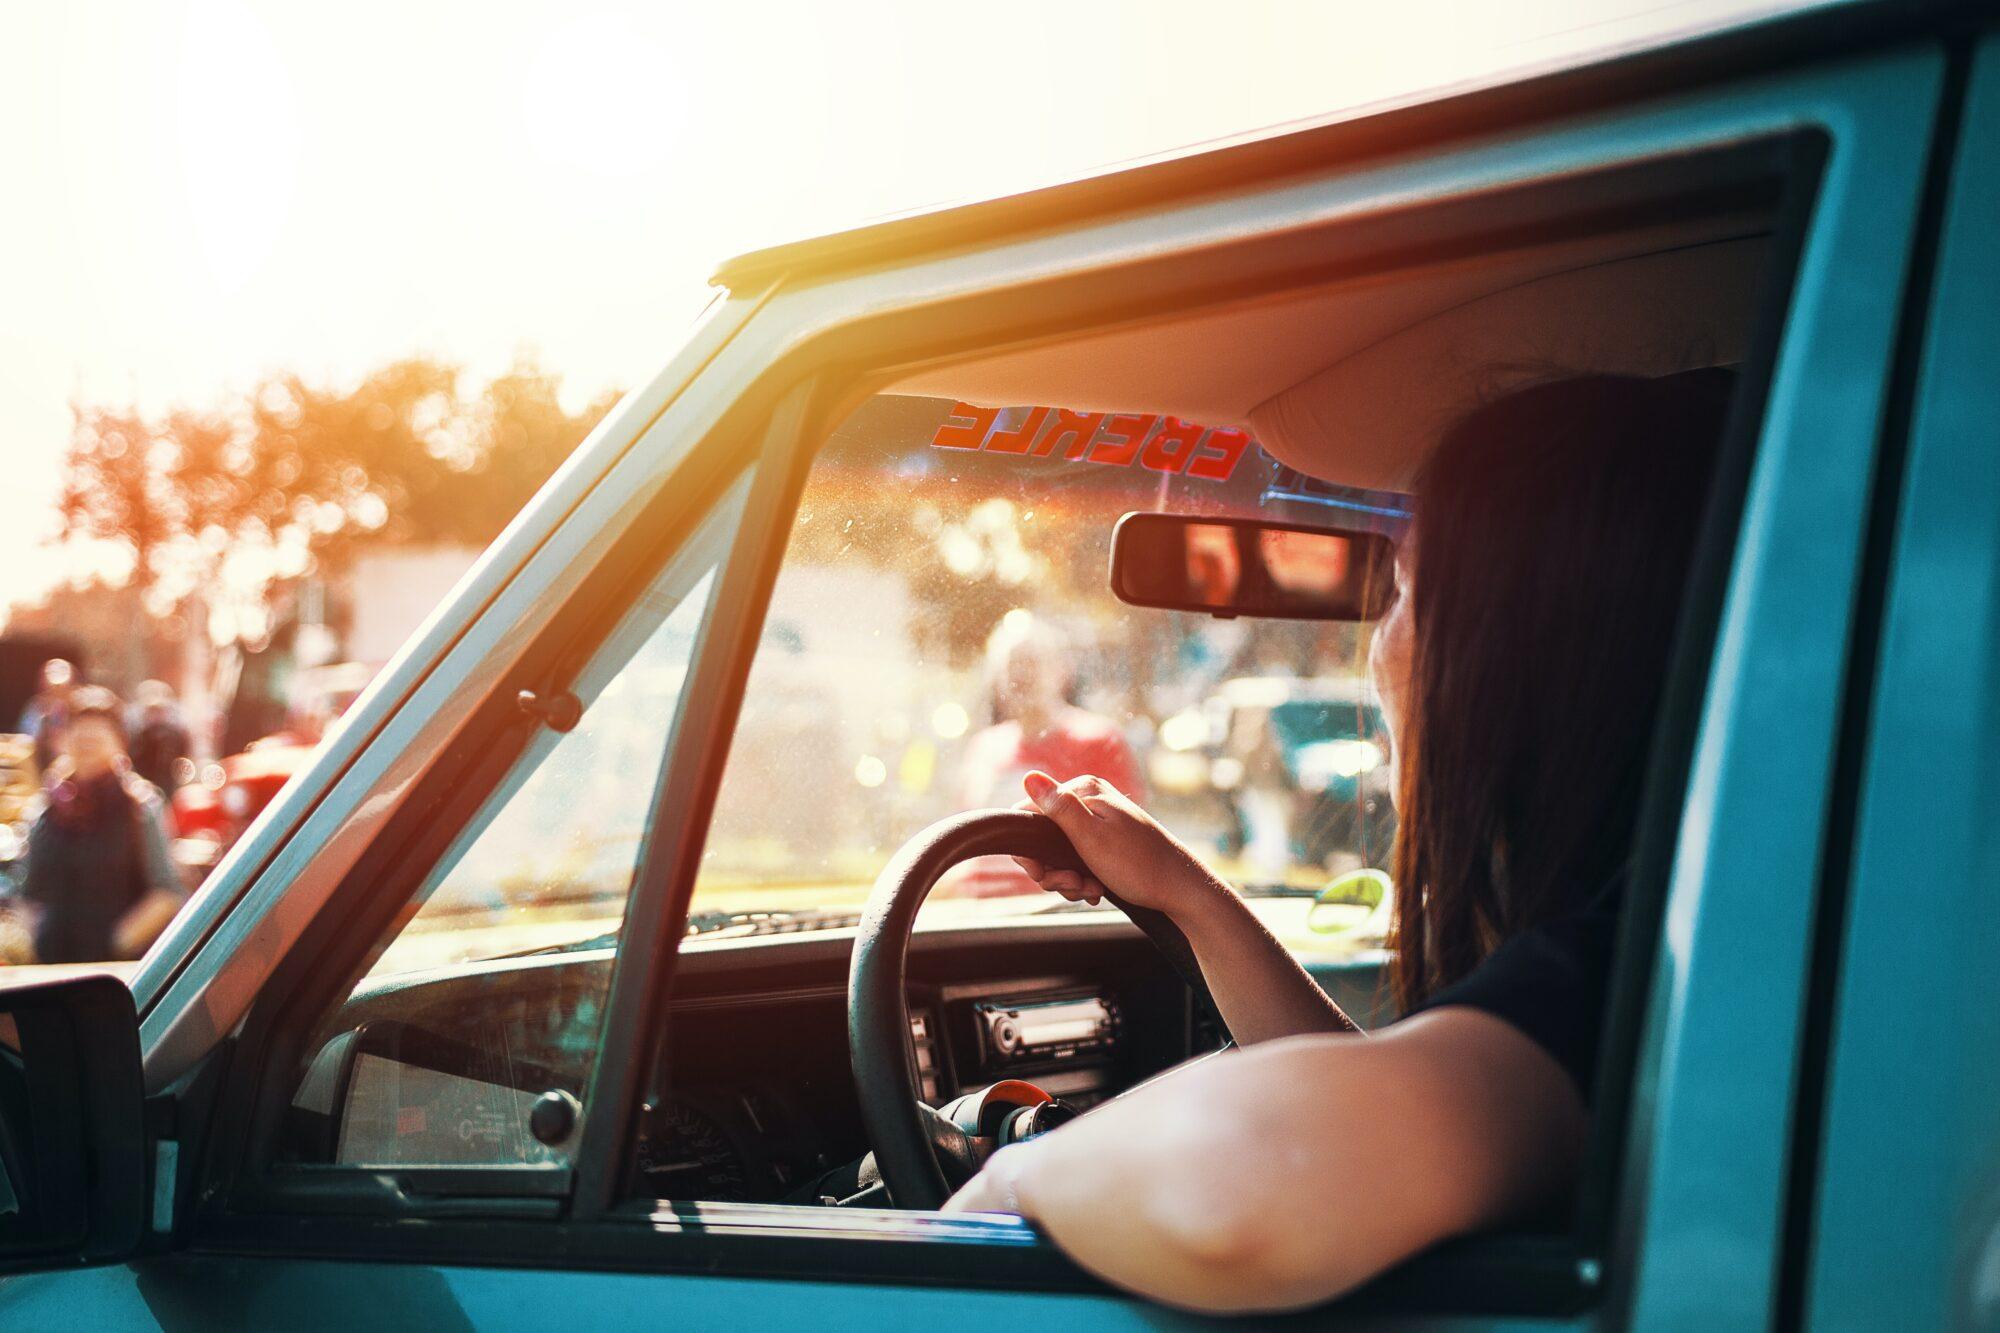 Uzsākot ceļa gaitas – auto iegāde un citi izdevumi